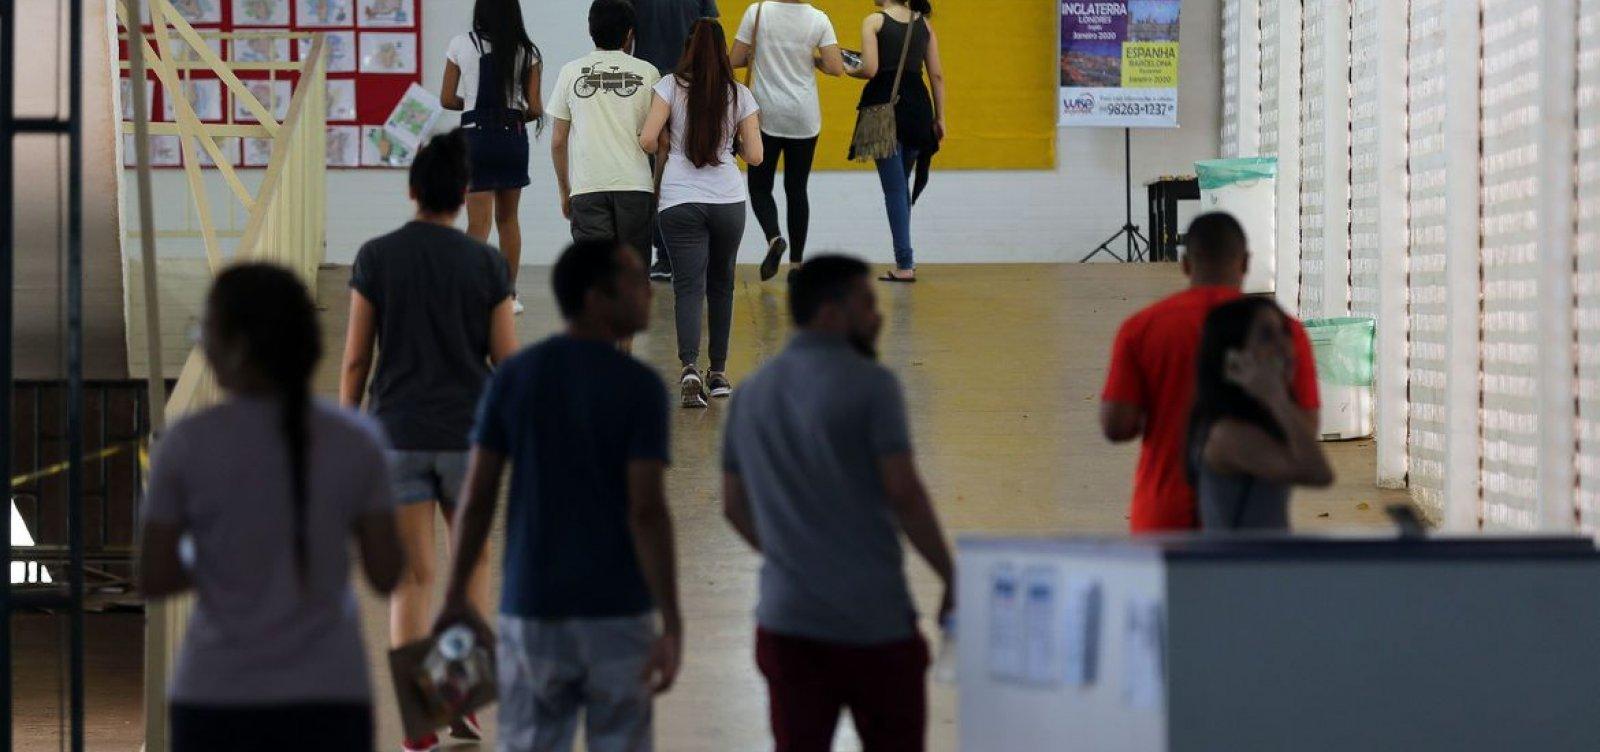 [Governo decide prorrogar decreto que suspende aulas nas escolas da Bahia]